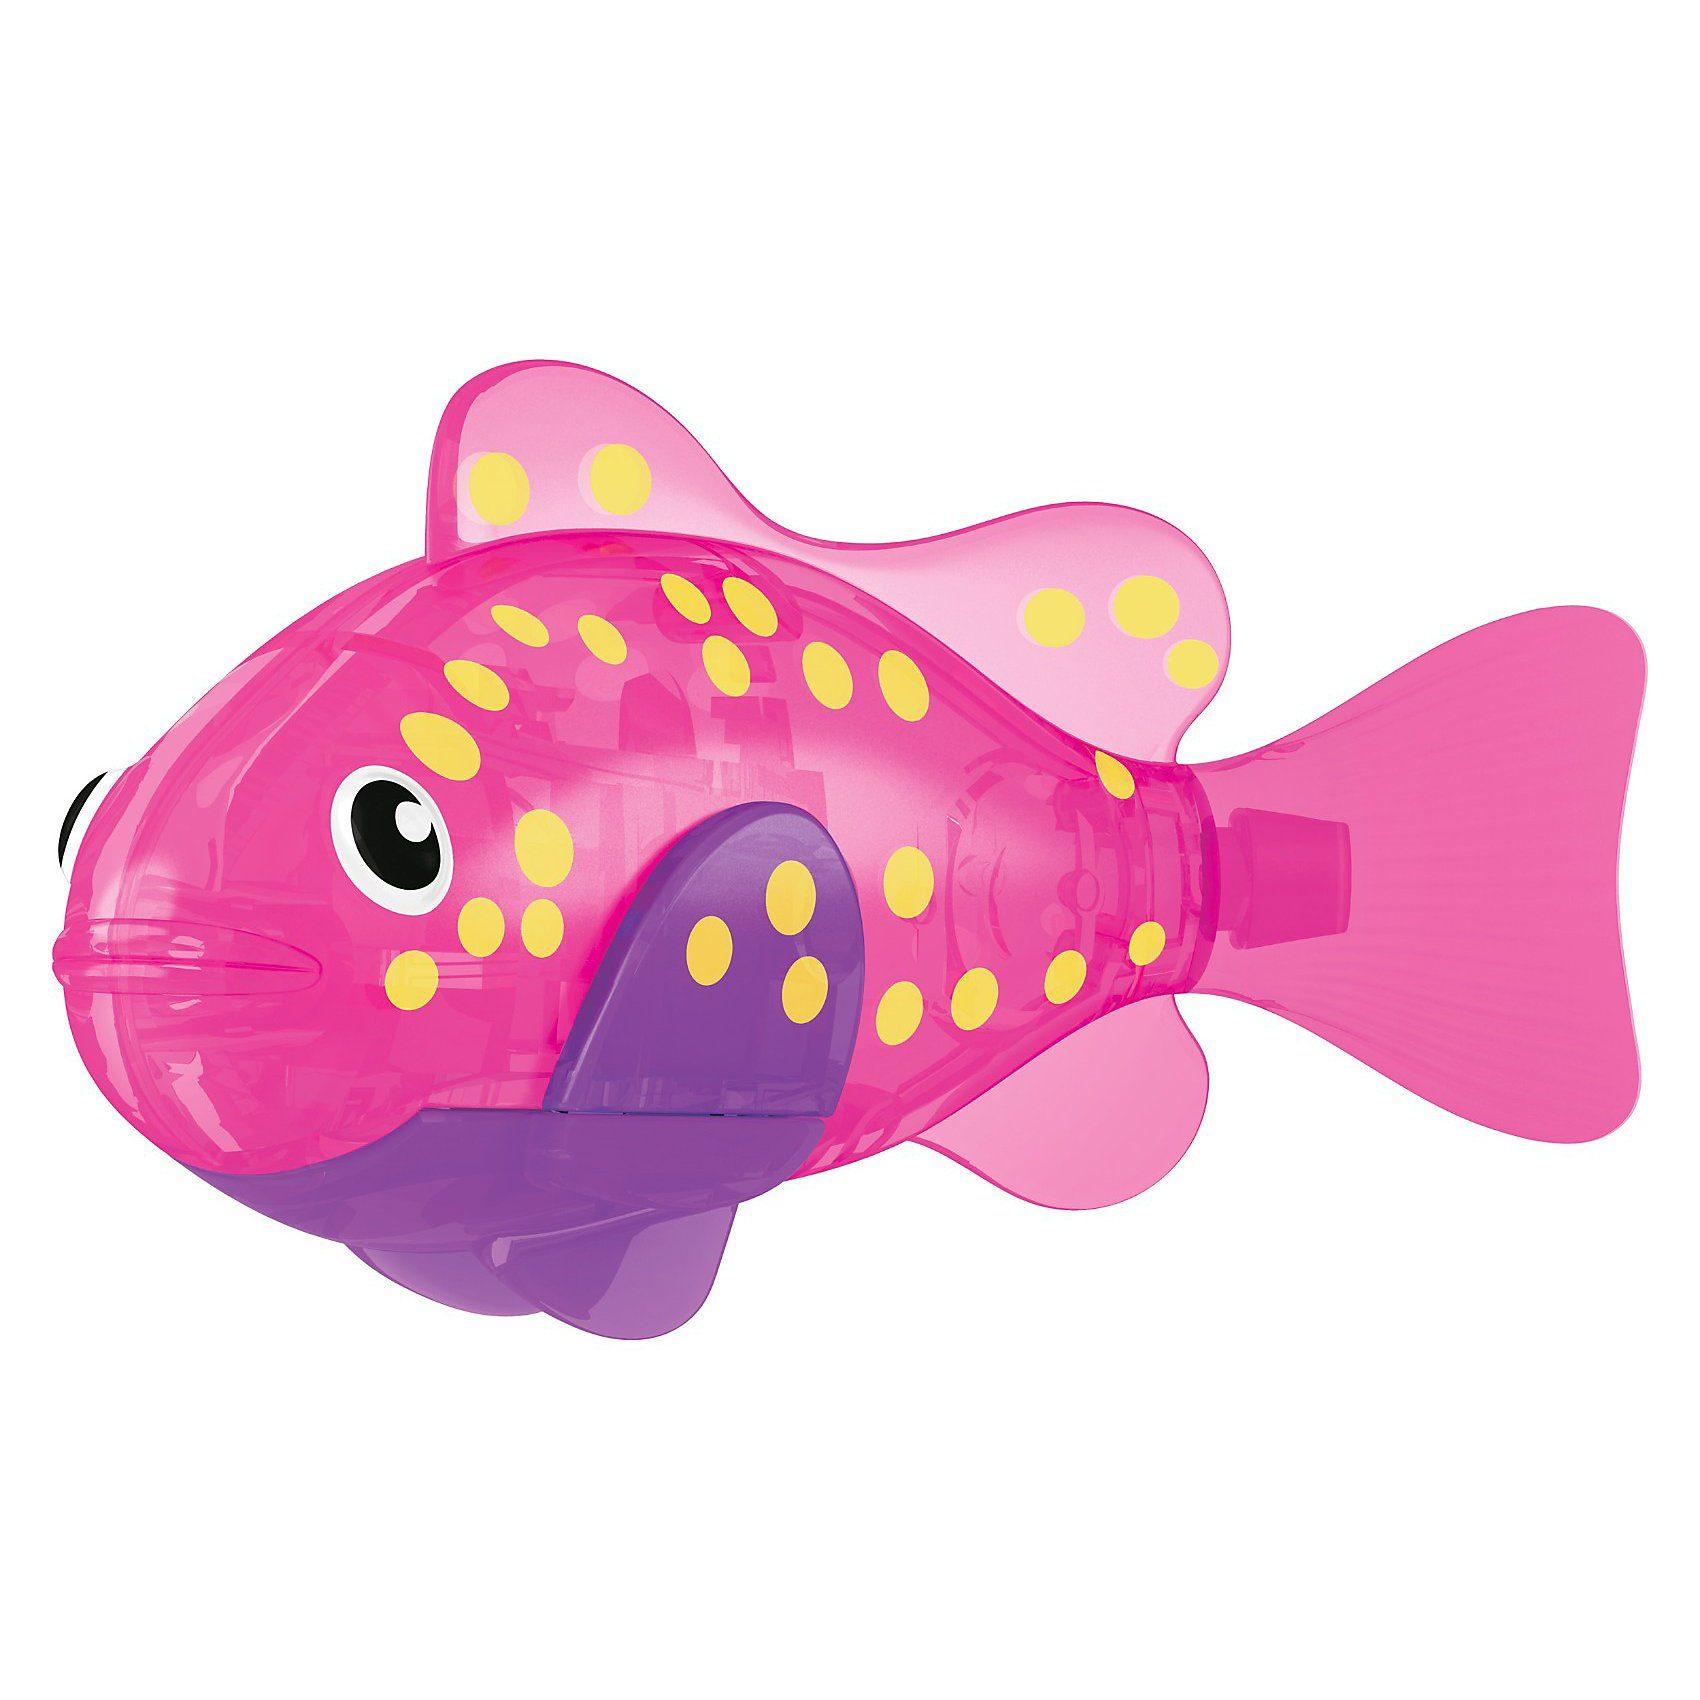 Goliath Robo Fish LED Flare